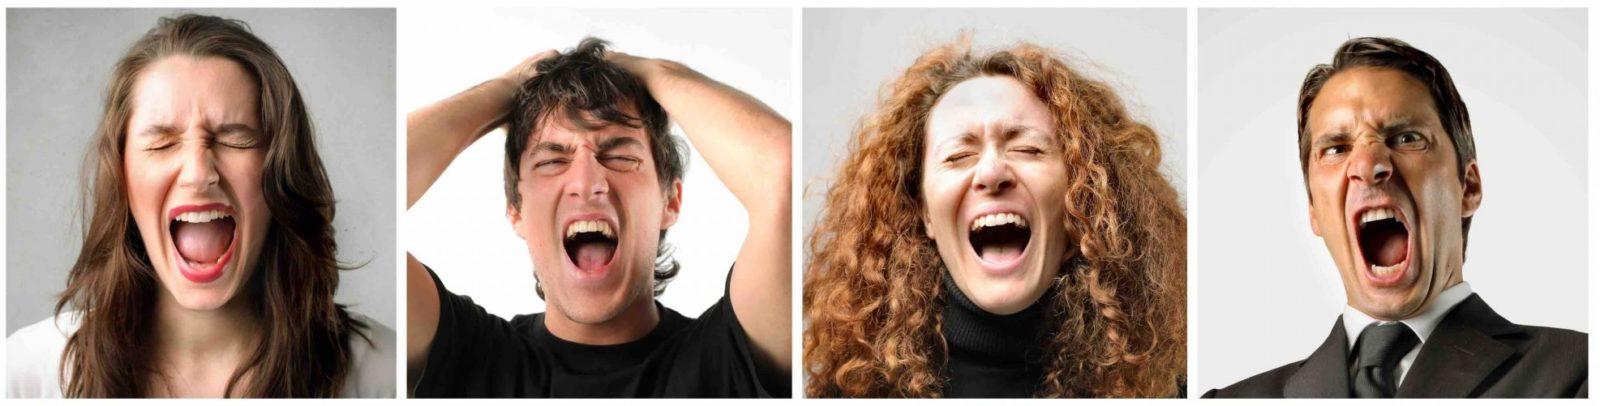 Состояния гнева как результат идиосинкразии